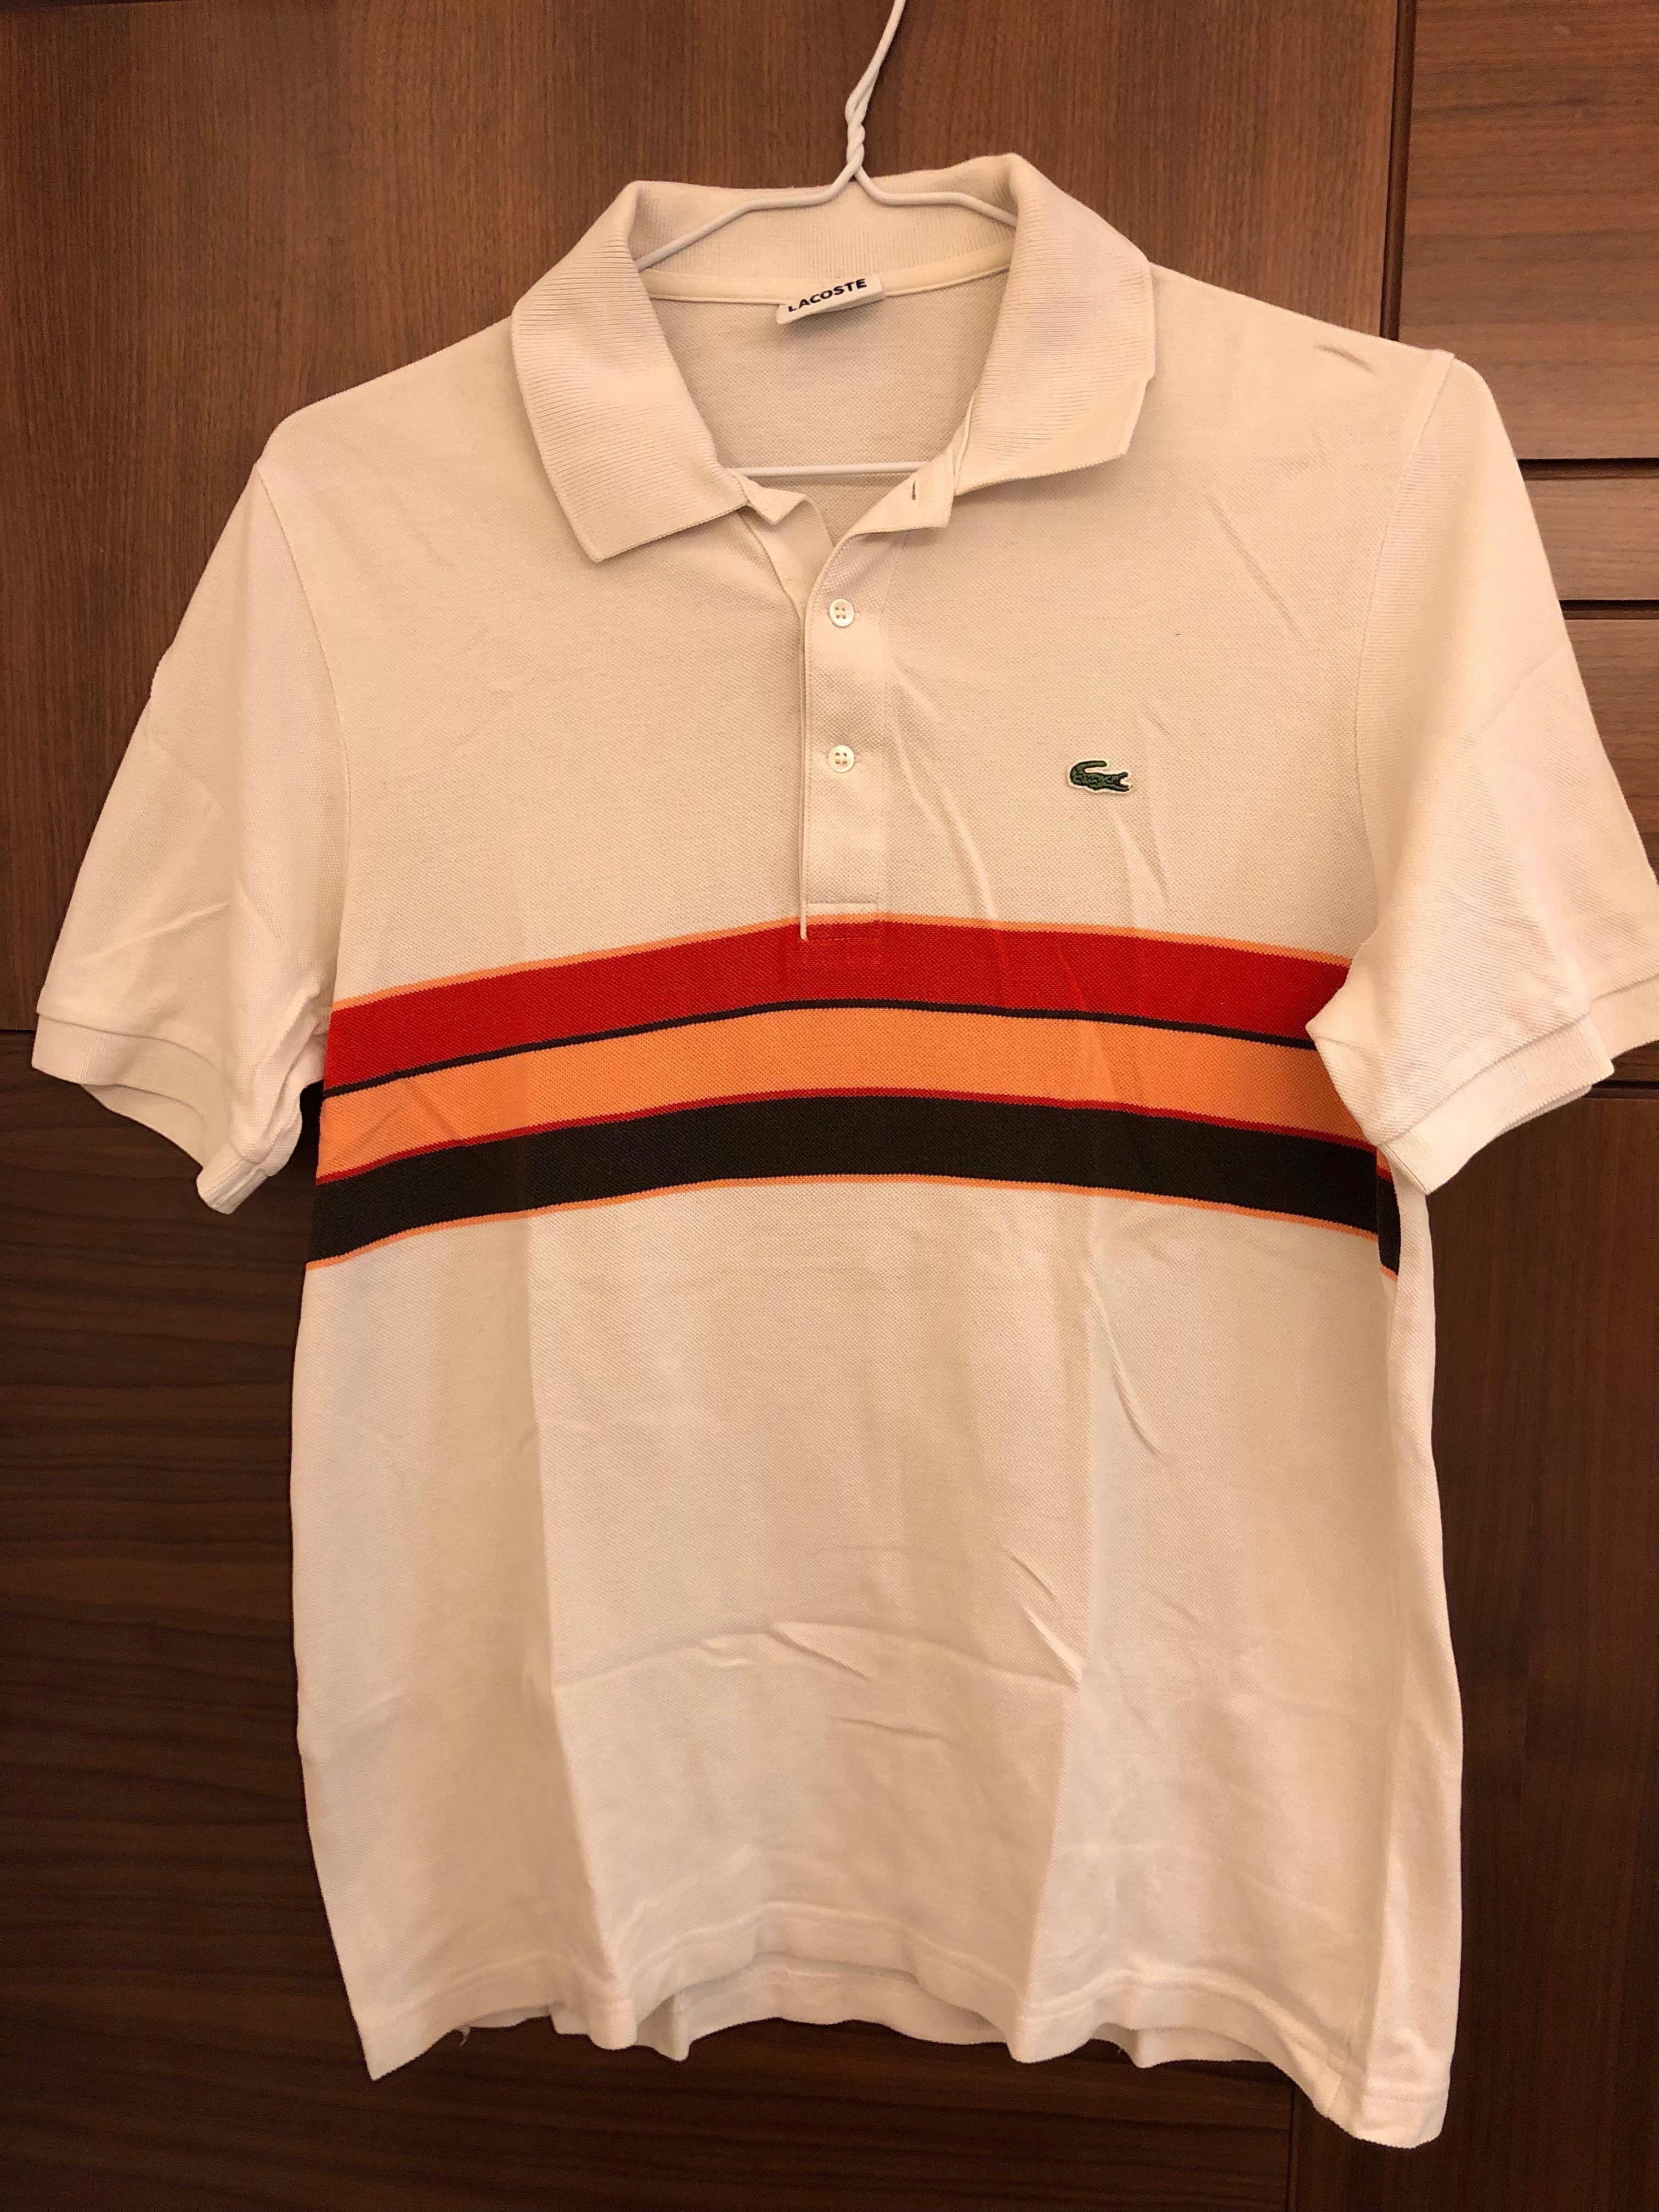 Original Lacoste Shirt, Size 4